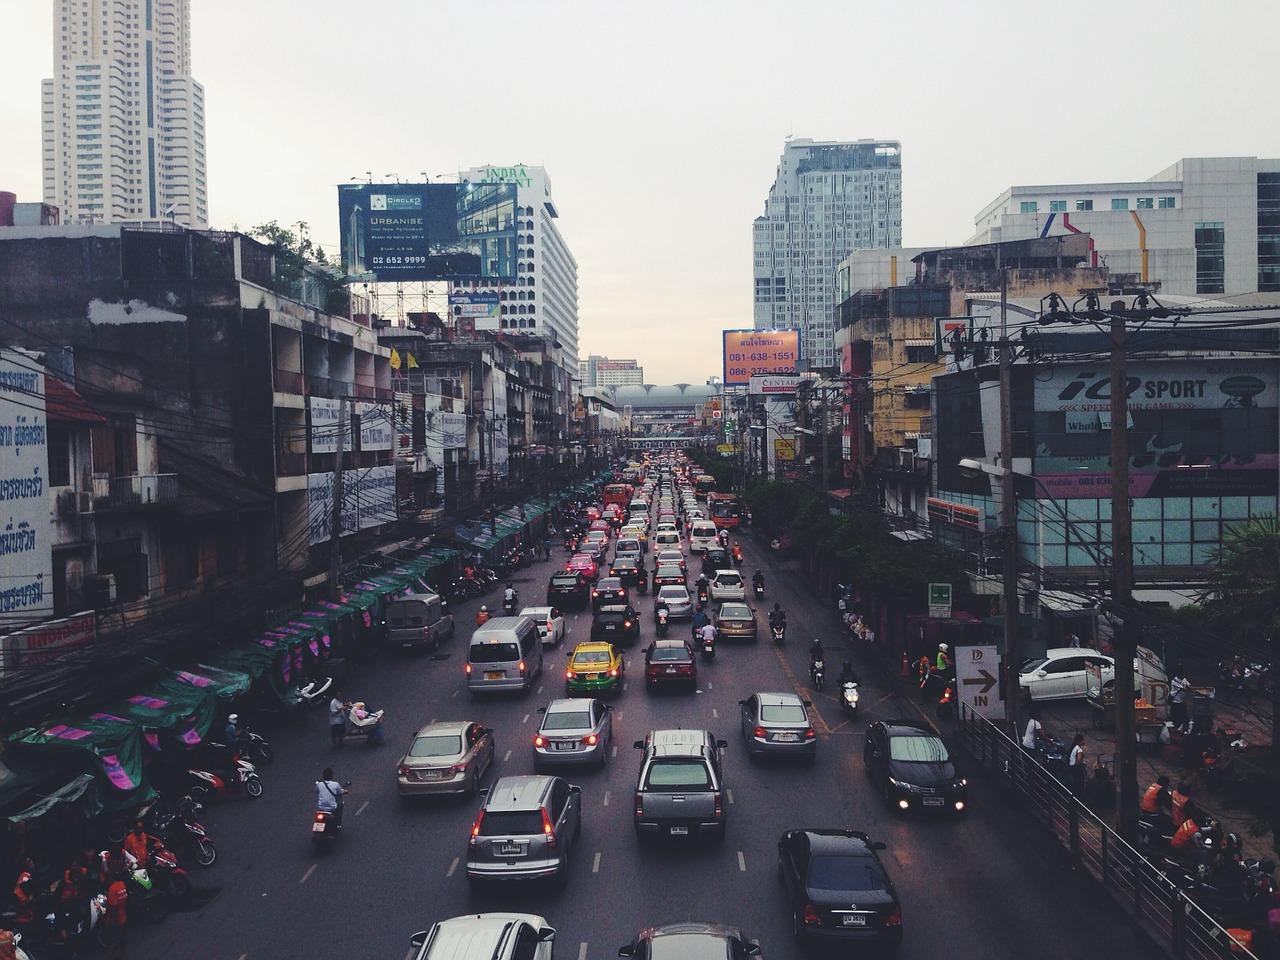 traffic-jam-388924_1280.jpg